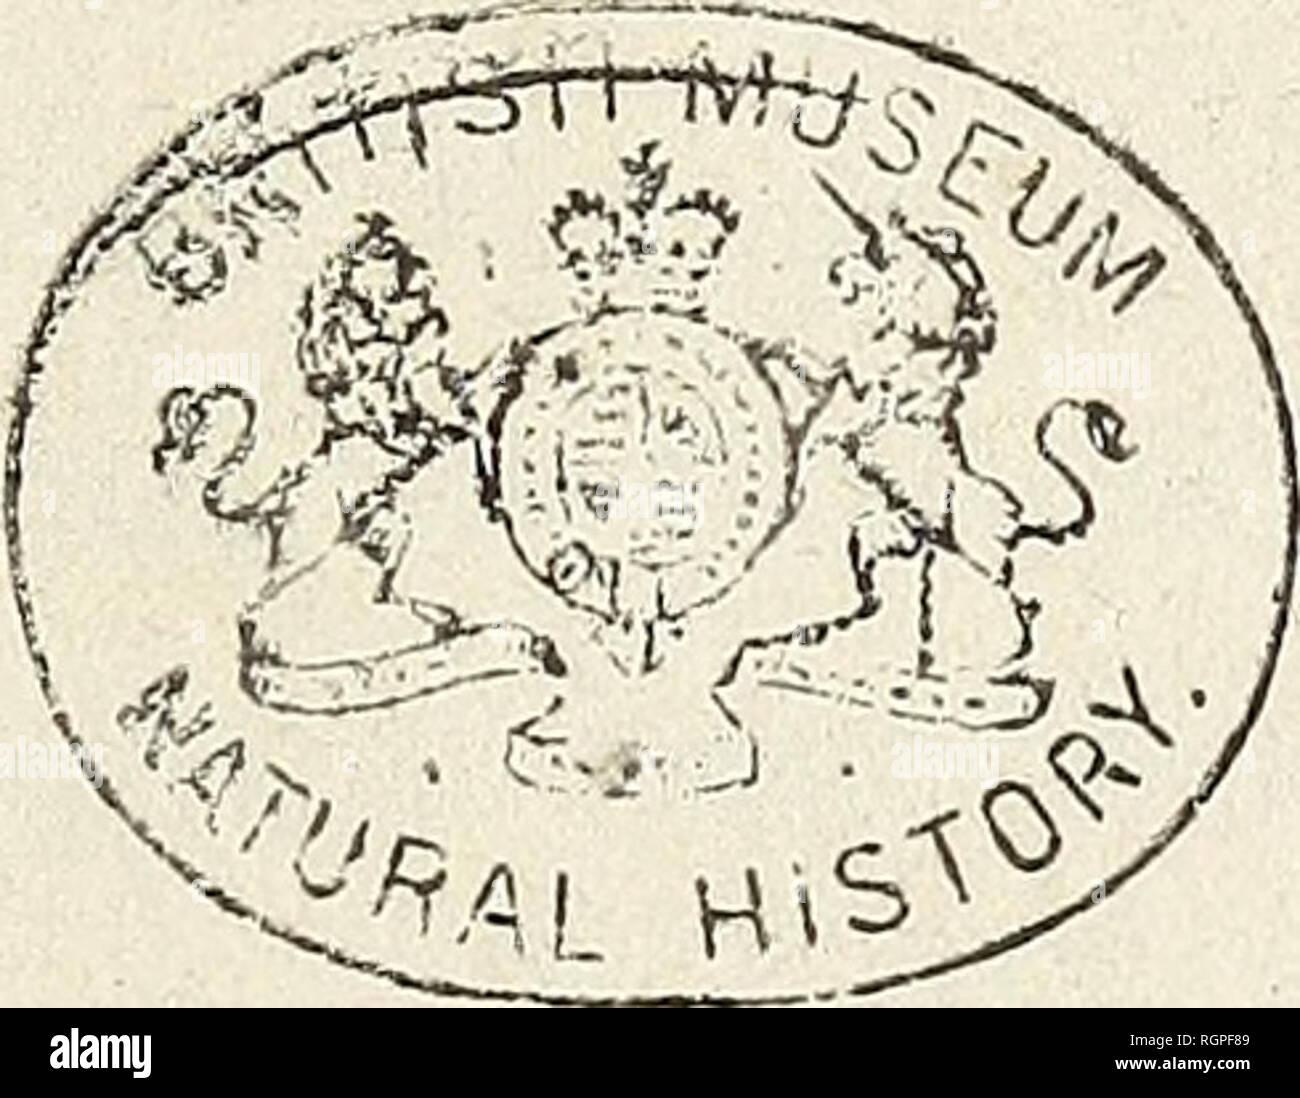 . Bulletin de la Société Impériale des Naturalistes de Moscou. DE LA xrcteté Impétxait îre iîlosrou. ANNÉE 1838» N° IV.. DE L'IMPRIMERIE D'AUGUSTE SEME3NT, IMPRIMEUR DE l'aCADEMIE IMPERIALE MEDICO-CHIRURGICALE* 1838.. Please note that these images are extracted from scanned page images that may have been digitally enhanced for readability - coloration and appearance of these illustrations may not perfectly resemble the original work.. Moskovskoe obshchestvo liubitelei prirody. Stock Photo